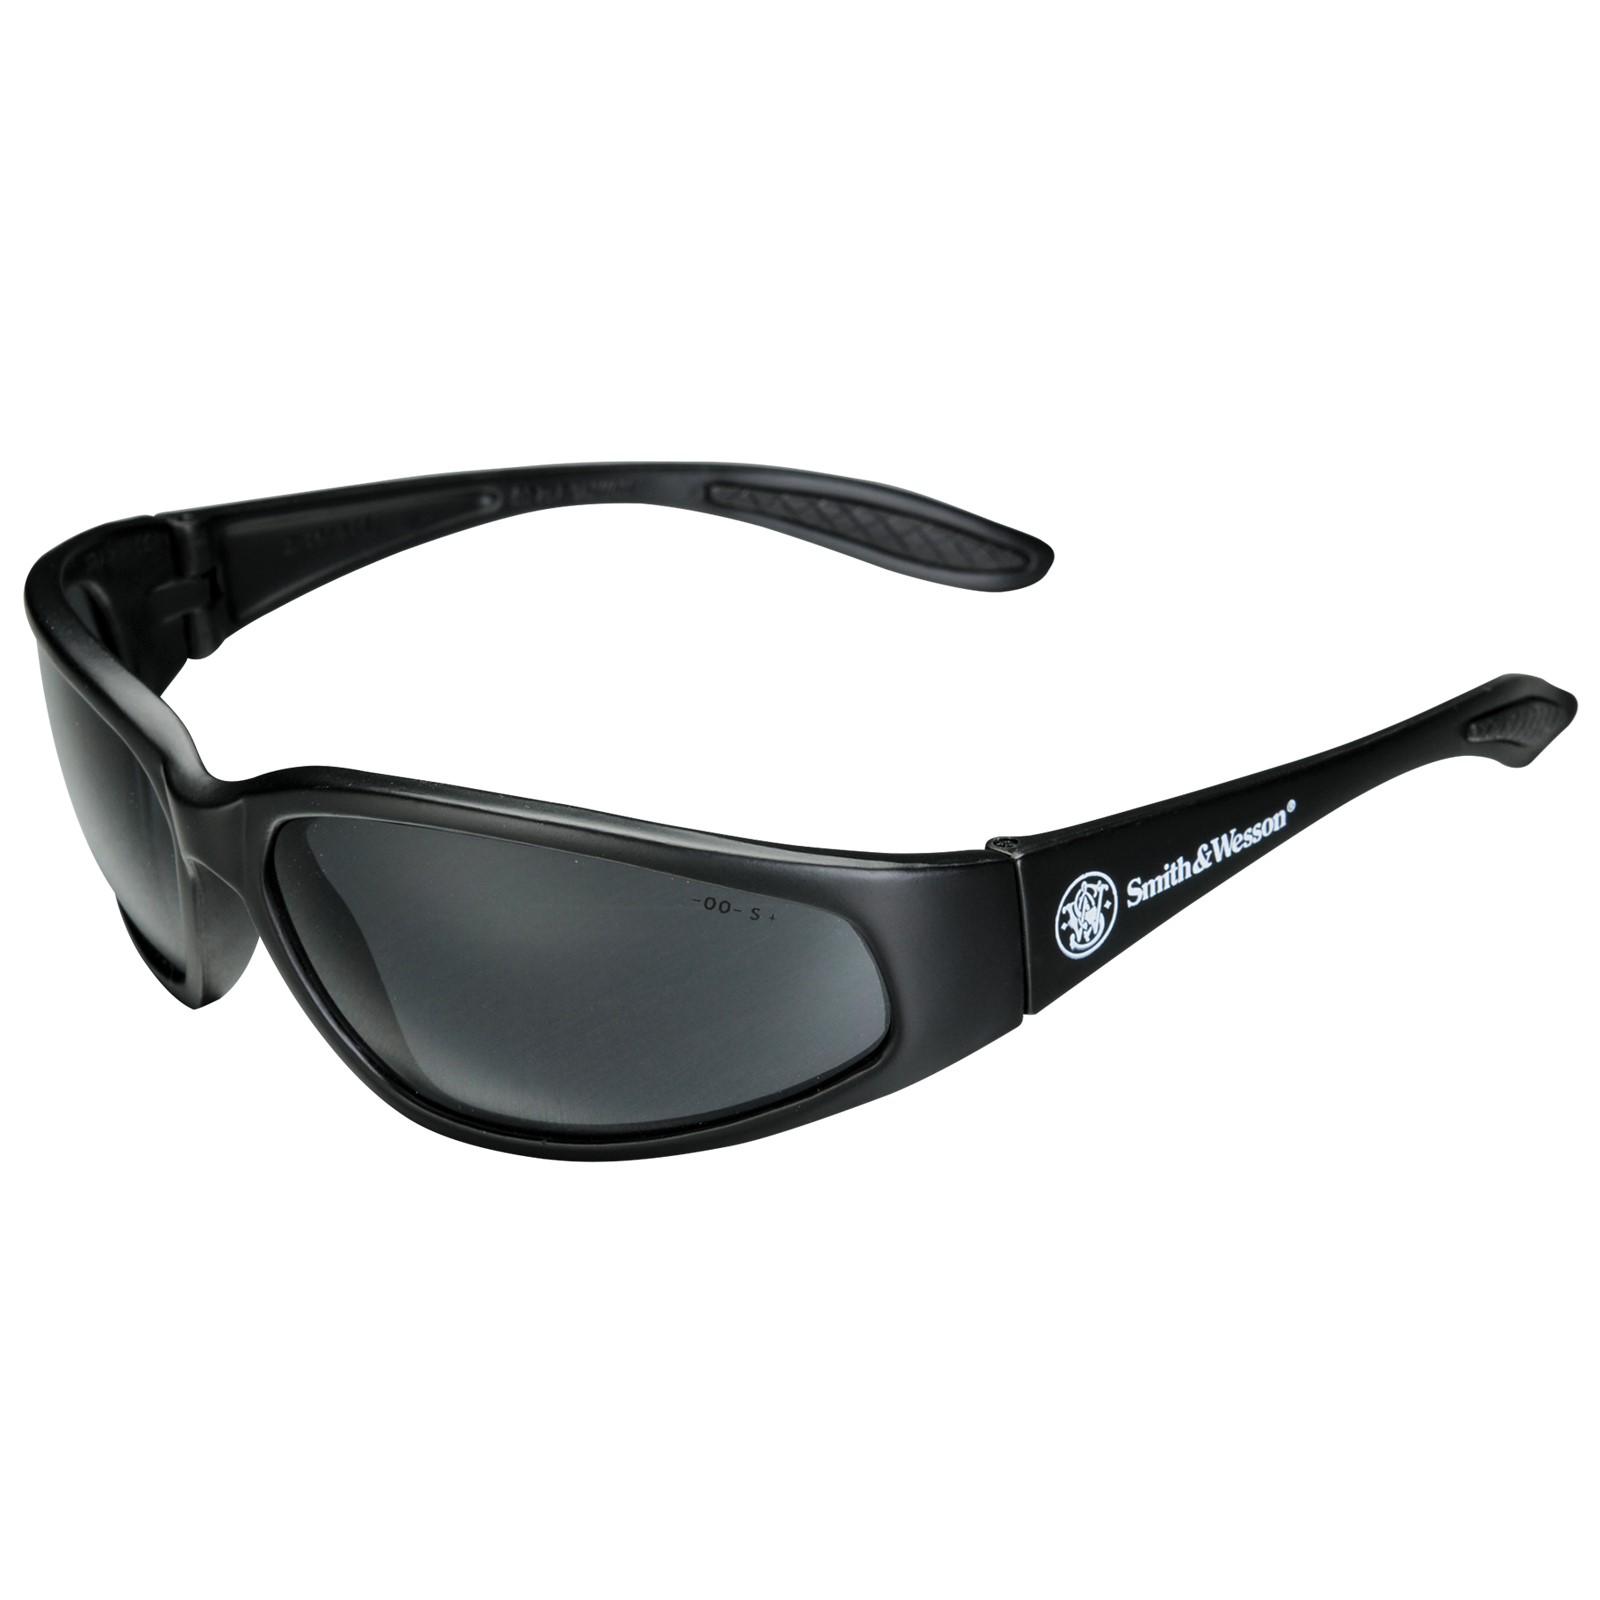 Smith & Wesson 38 Special Smoke Gray Lens & Black Frame Safe